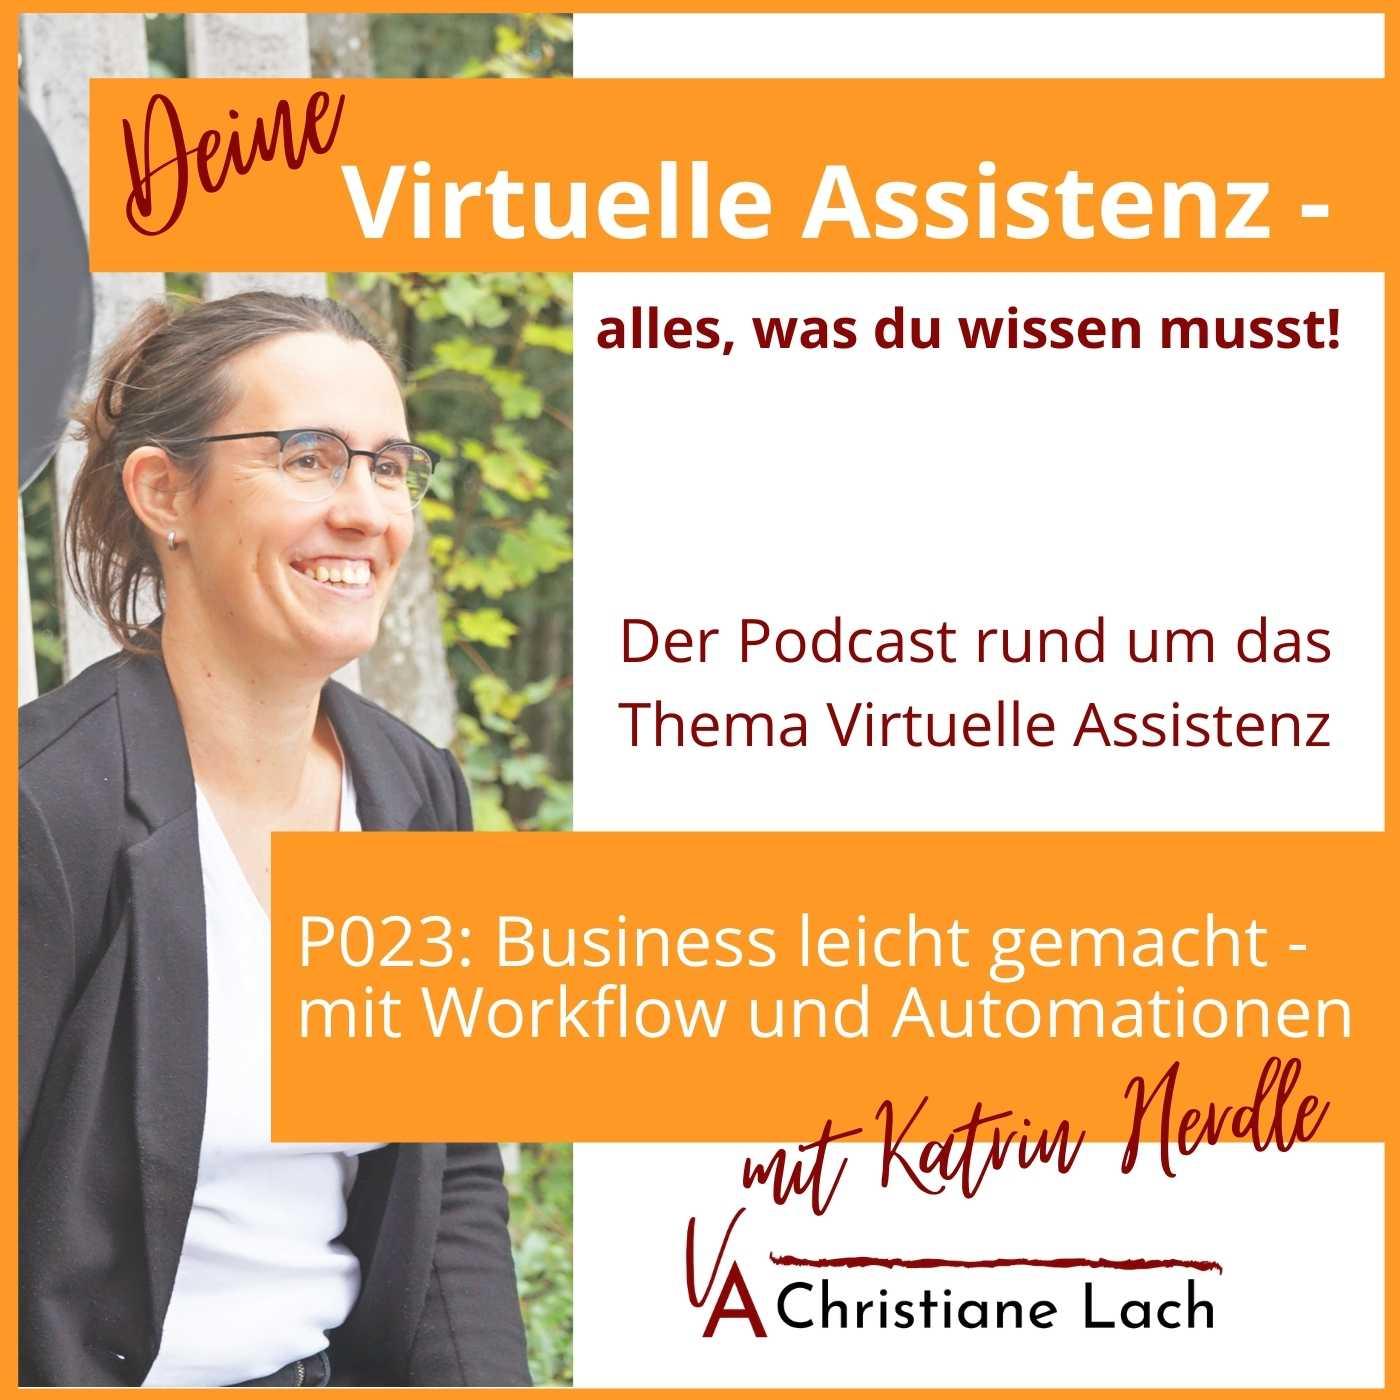 P023: Business leicht gemacht – mit Workflow und Automationen